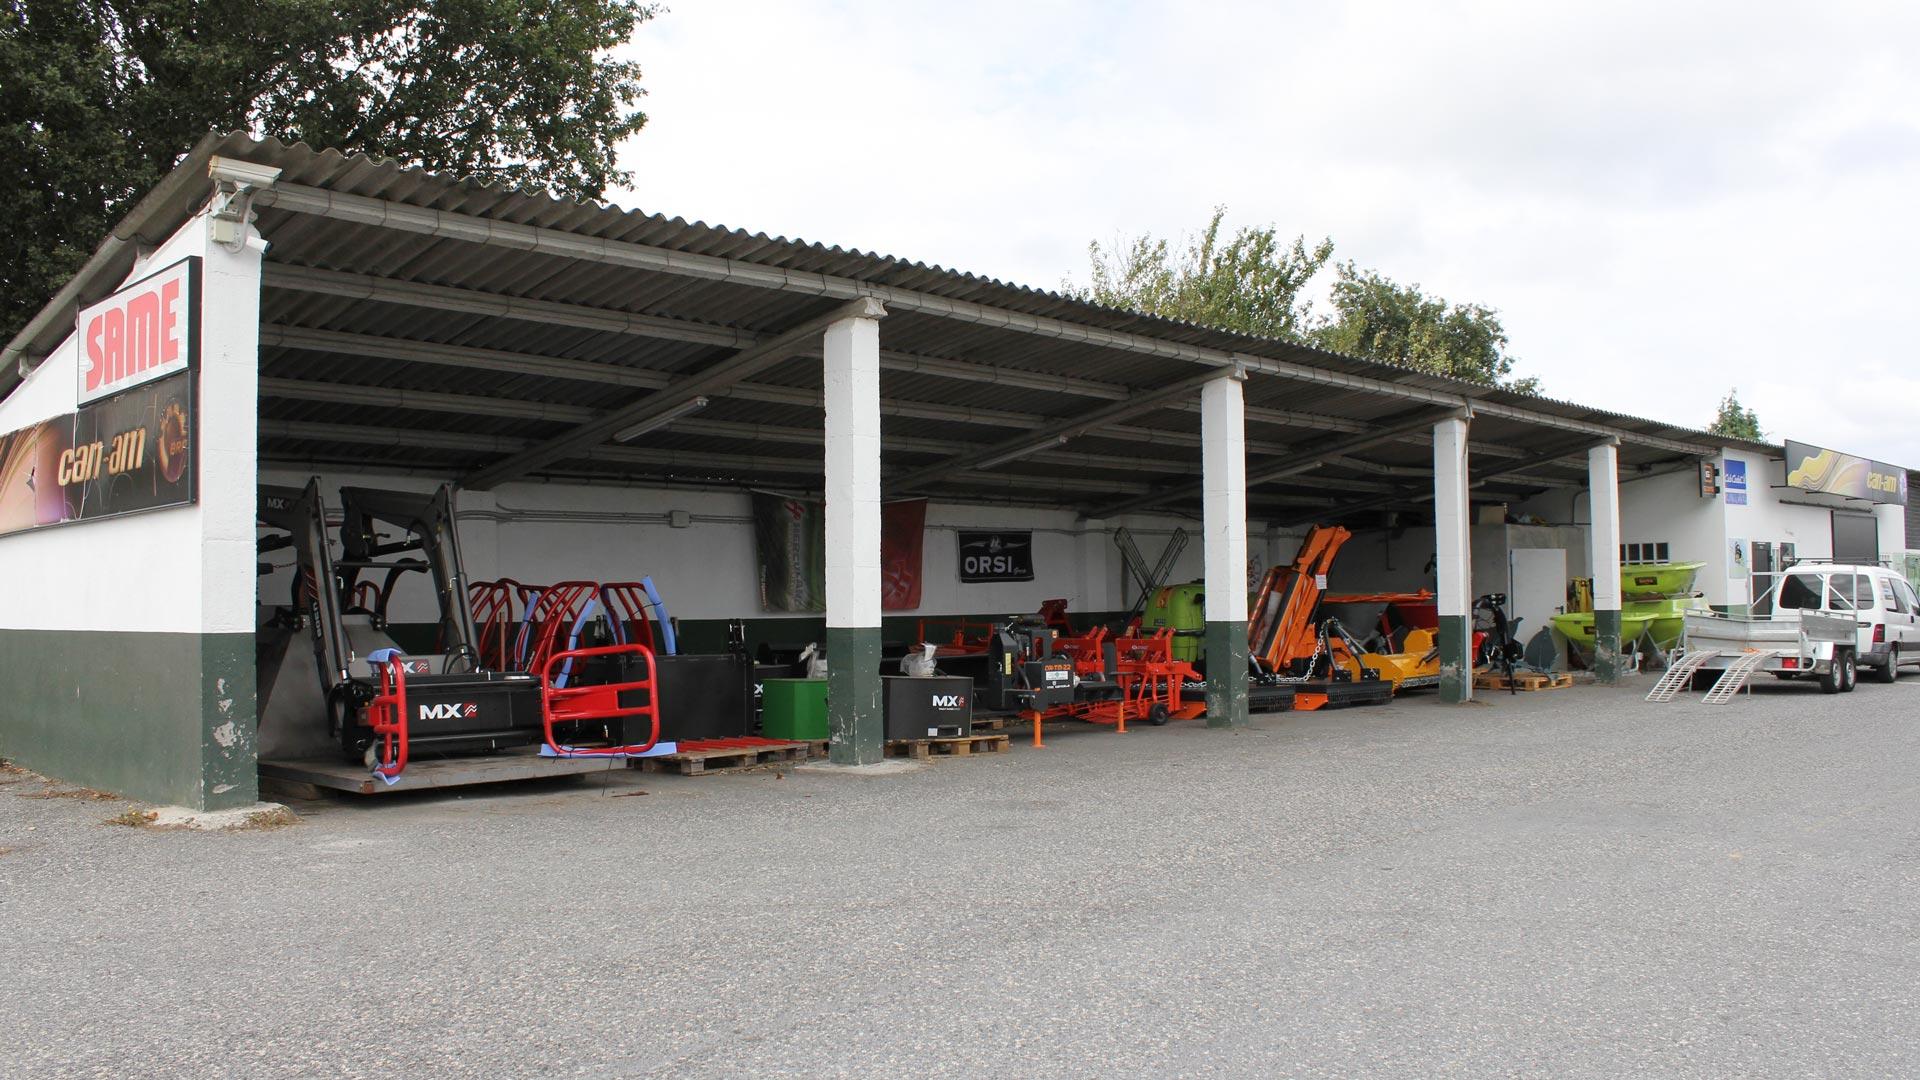 Garajes de almacenamiento de maquinaria agrícola Millares Torrón en Lugo